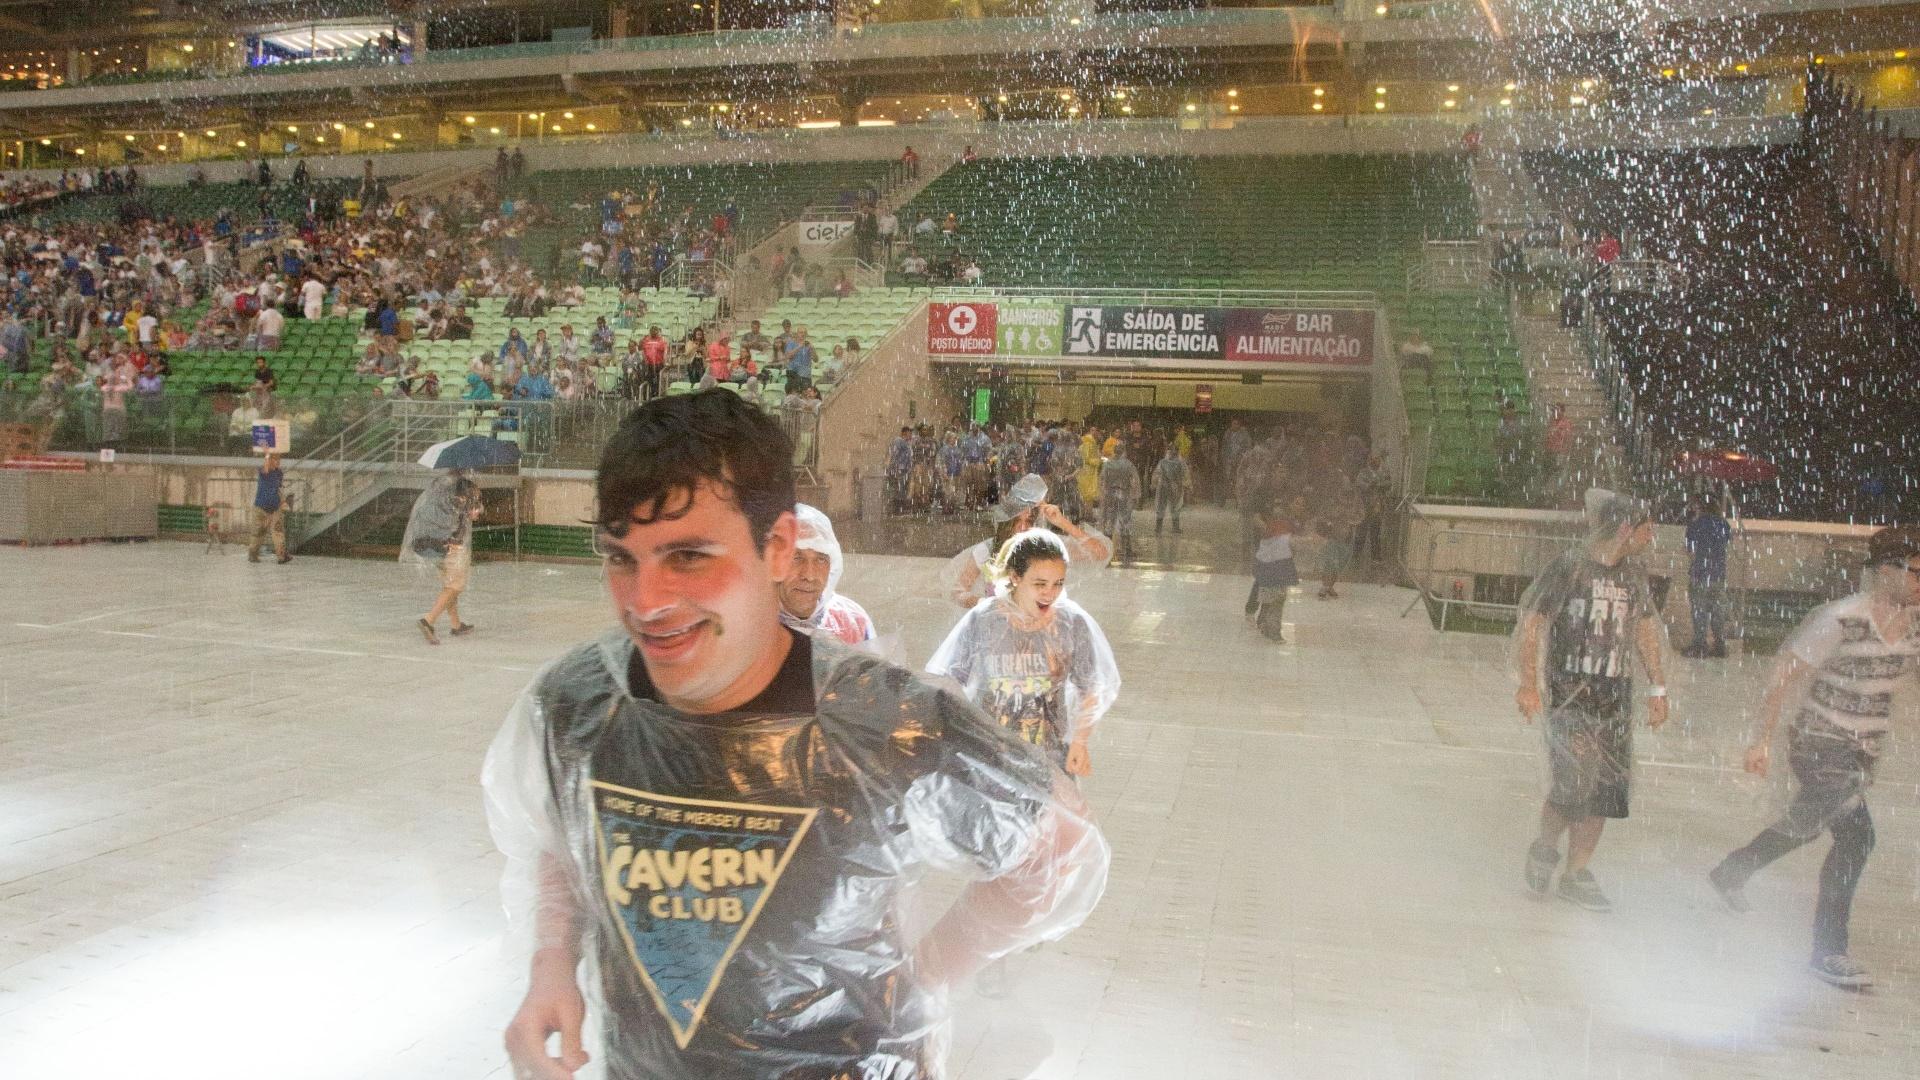 25.nov.2014 - Sob forte chuva, fã de Paul McCartney entra no Allianz Parque, na zona oeste de São Paulo, onde o cantor se apresenta com a turnê